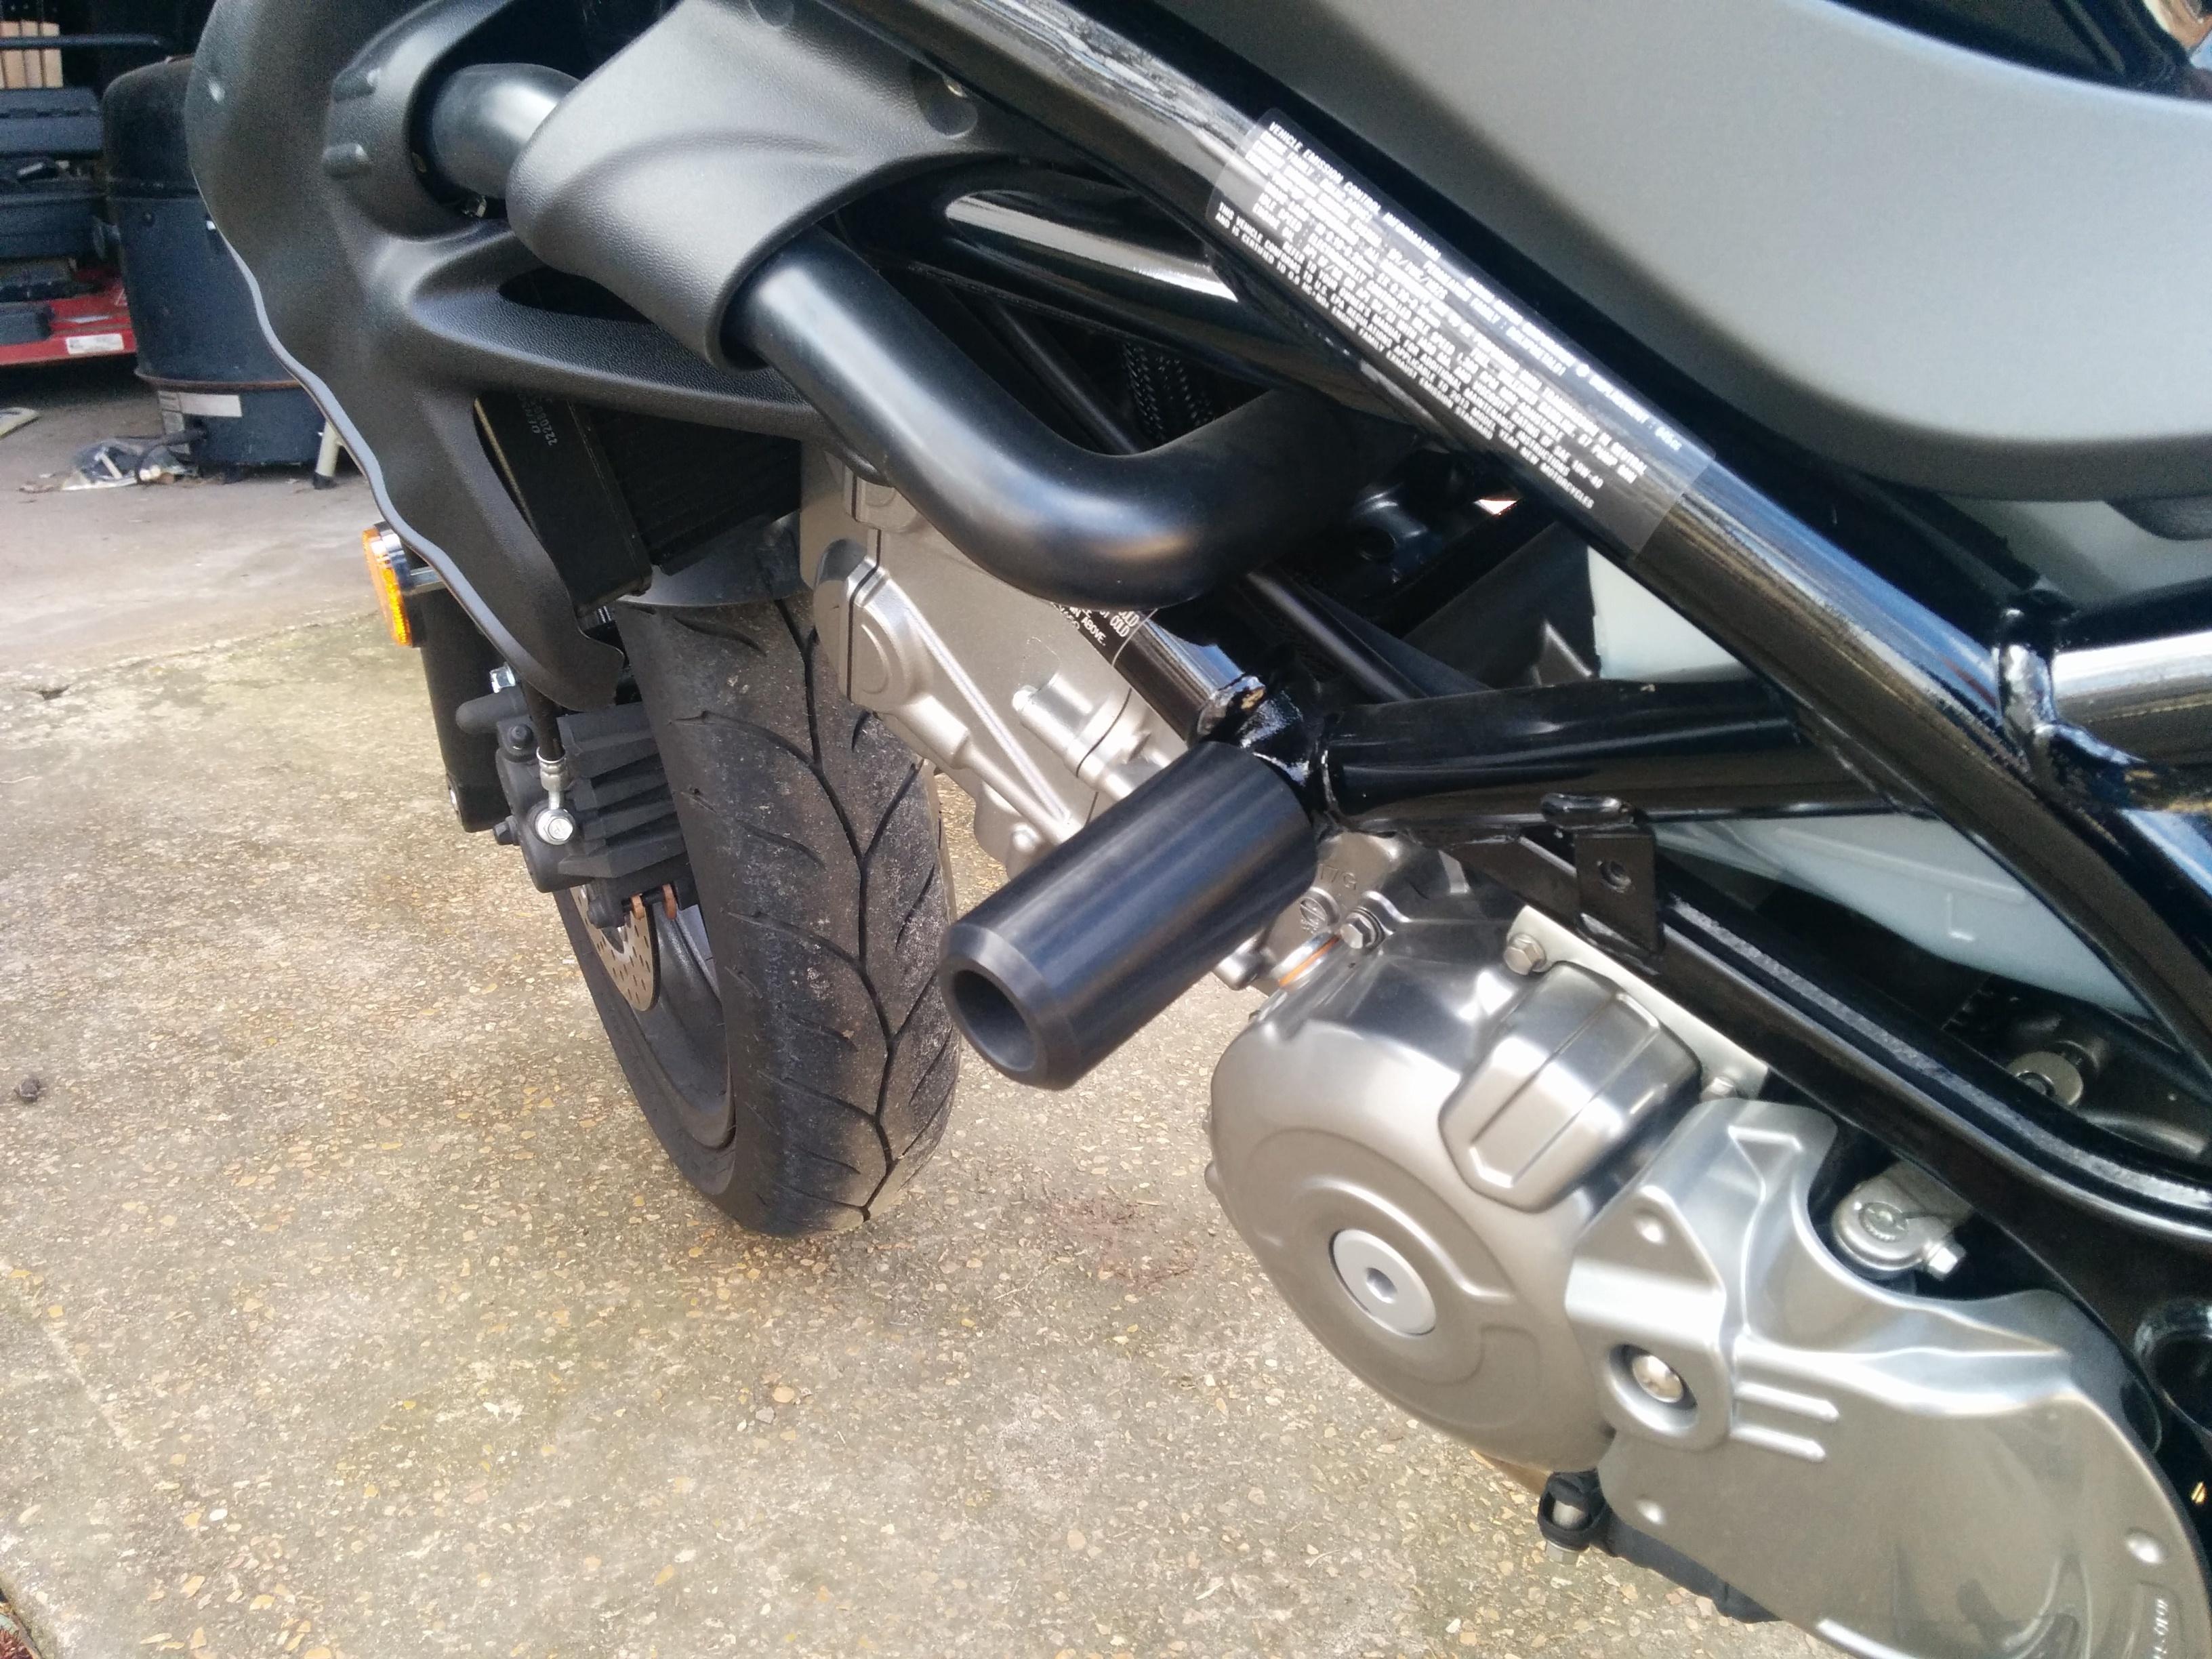 2017 SV650 Motosliders Frame Sliders